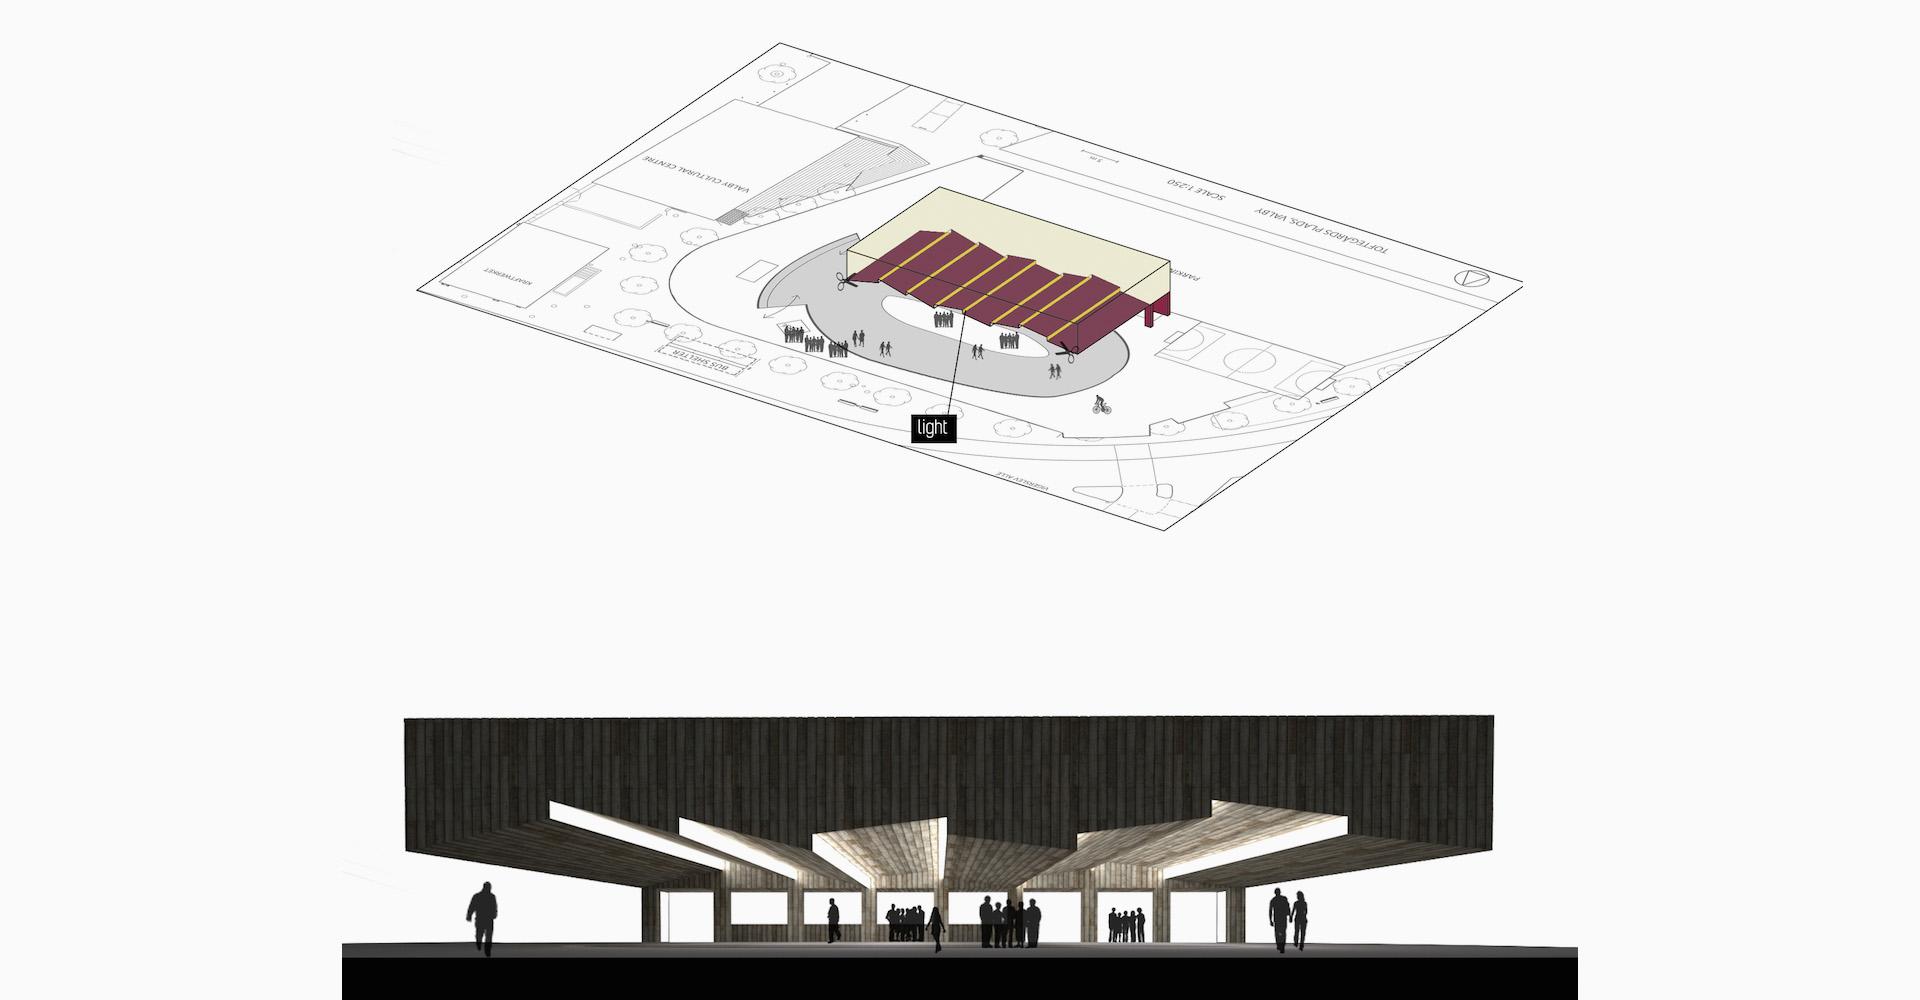 Architettura spazi pubblici - Winter Light - Asso